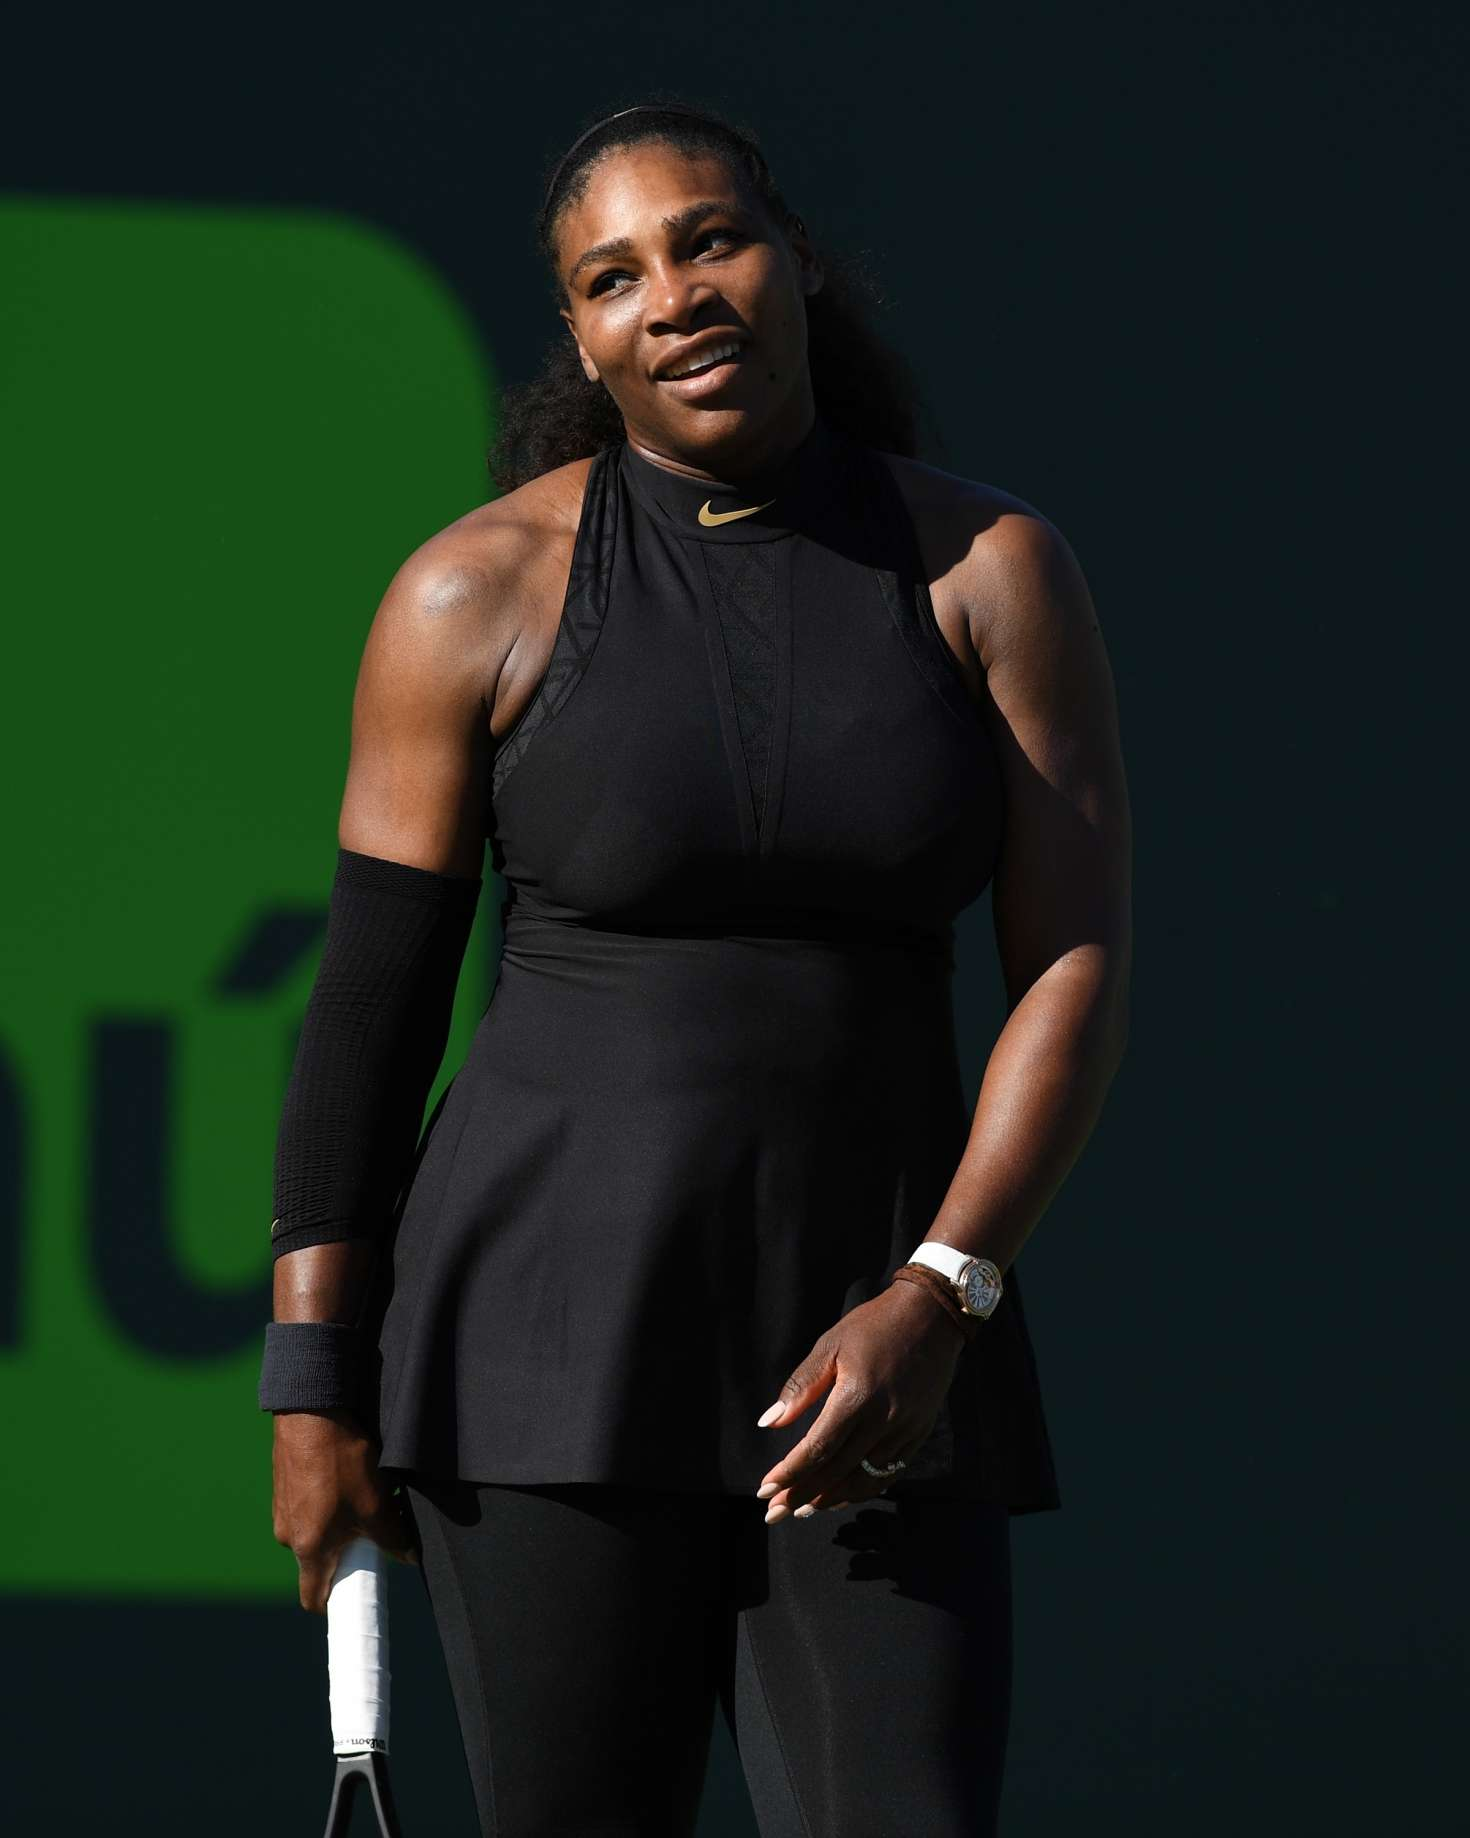 Serena Williams 2018 : Serena Williams: 2018 Miami Open -18